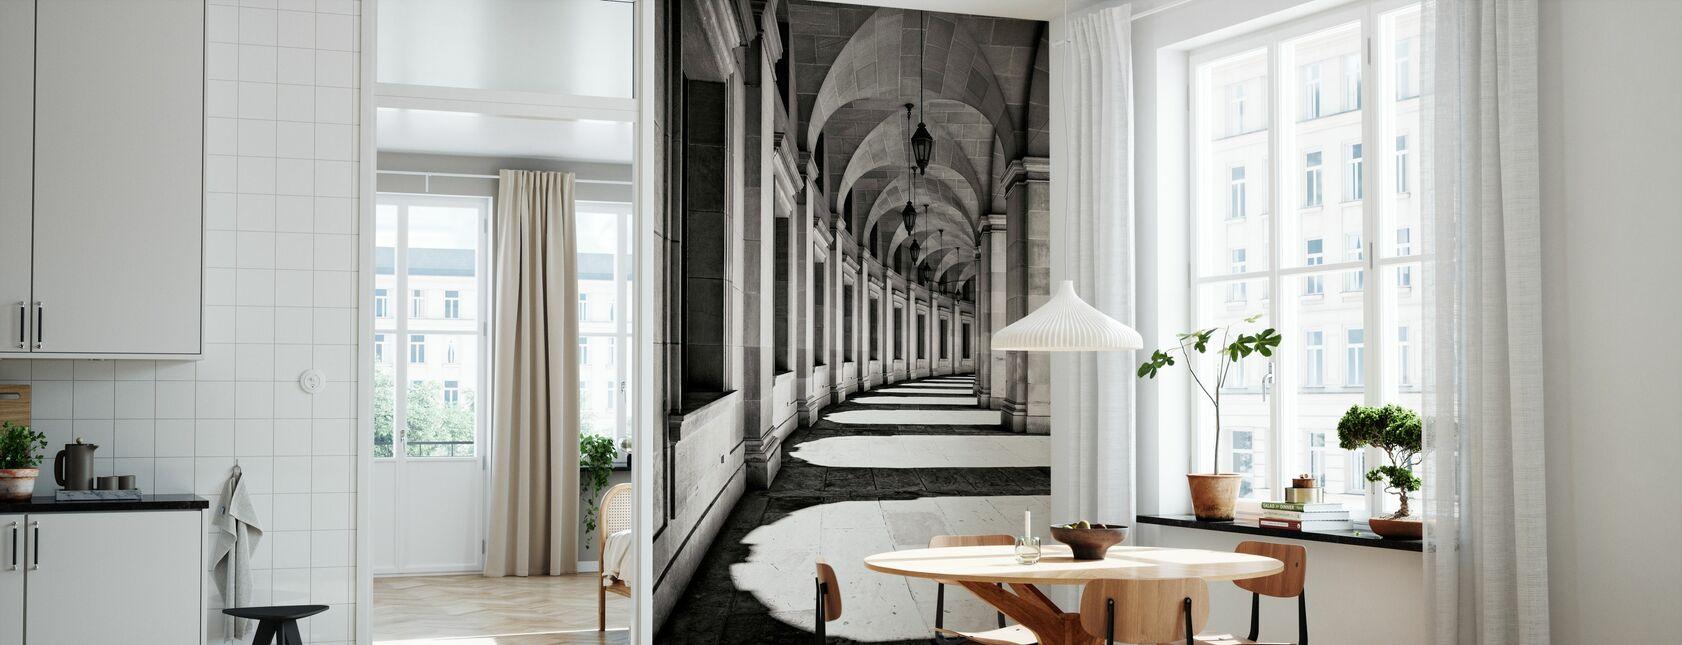 Böjda korridor - Tapet - Kök